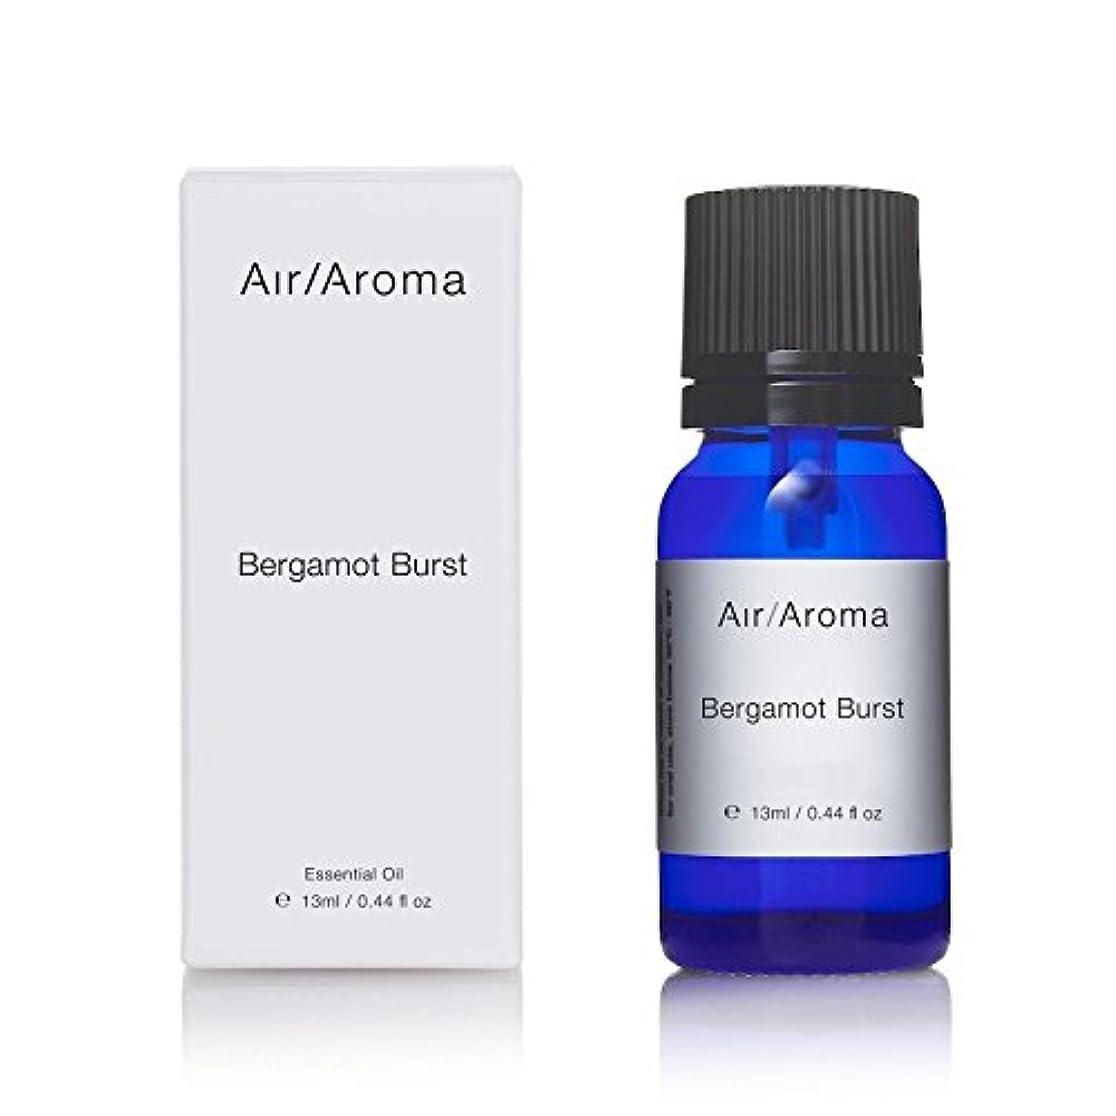 祈りキャメル個人的にエアアロマ bergamot burst (ベルガモットバースト) 13ml